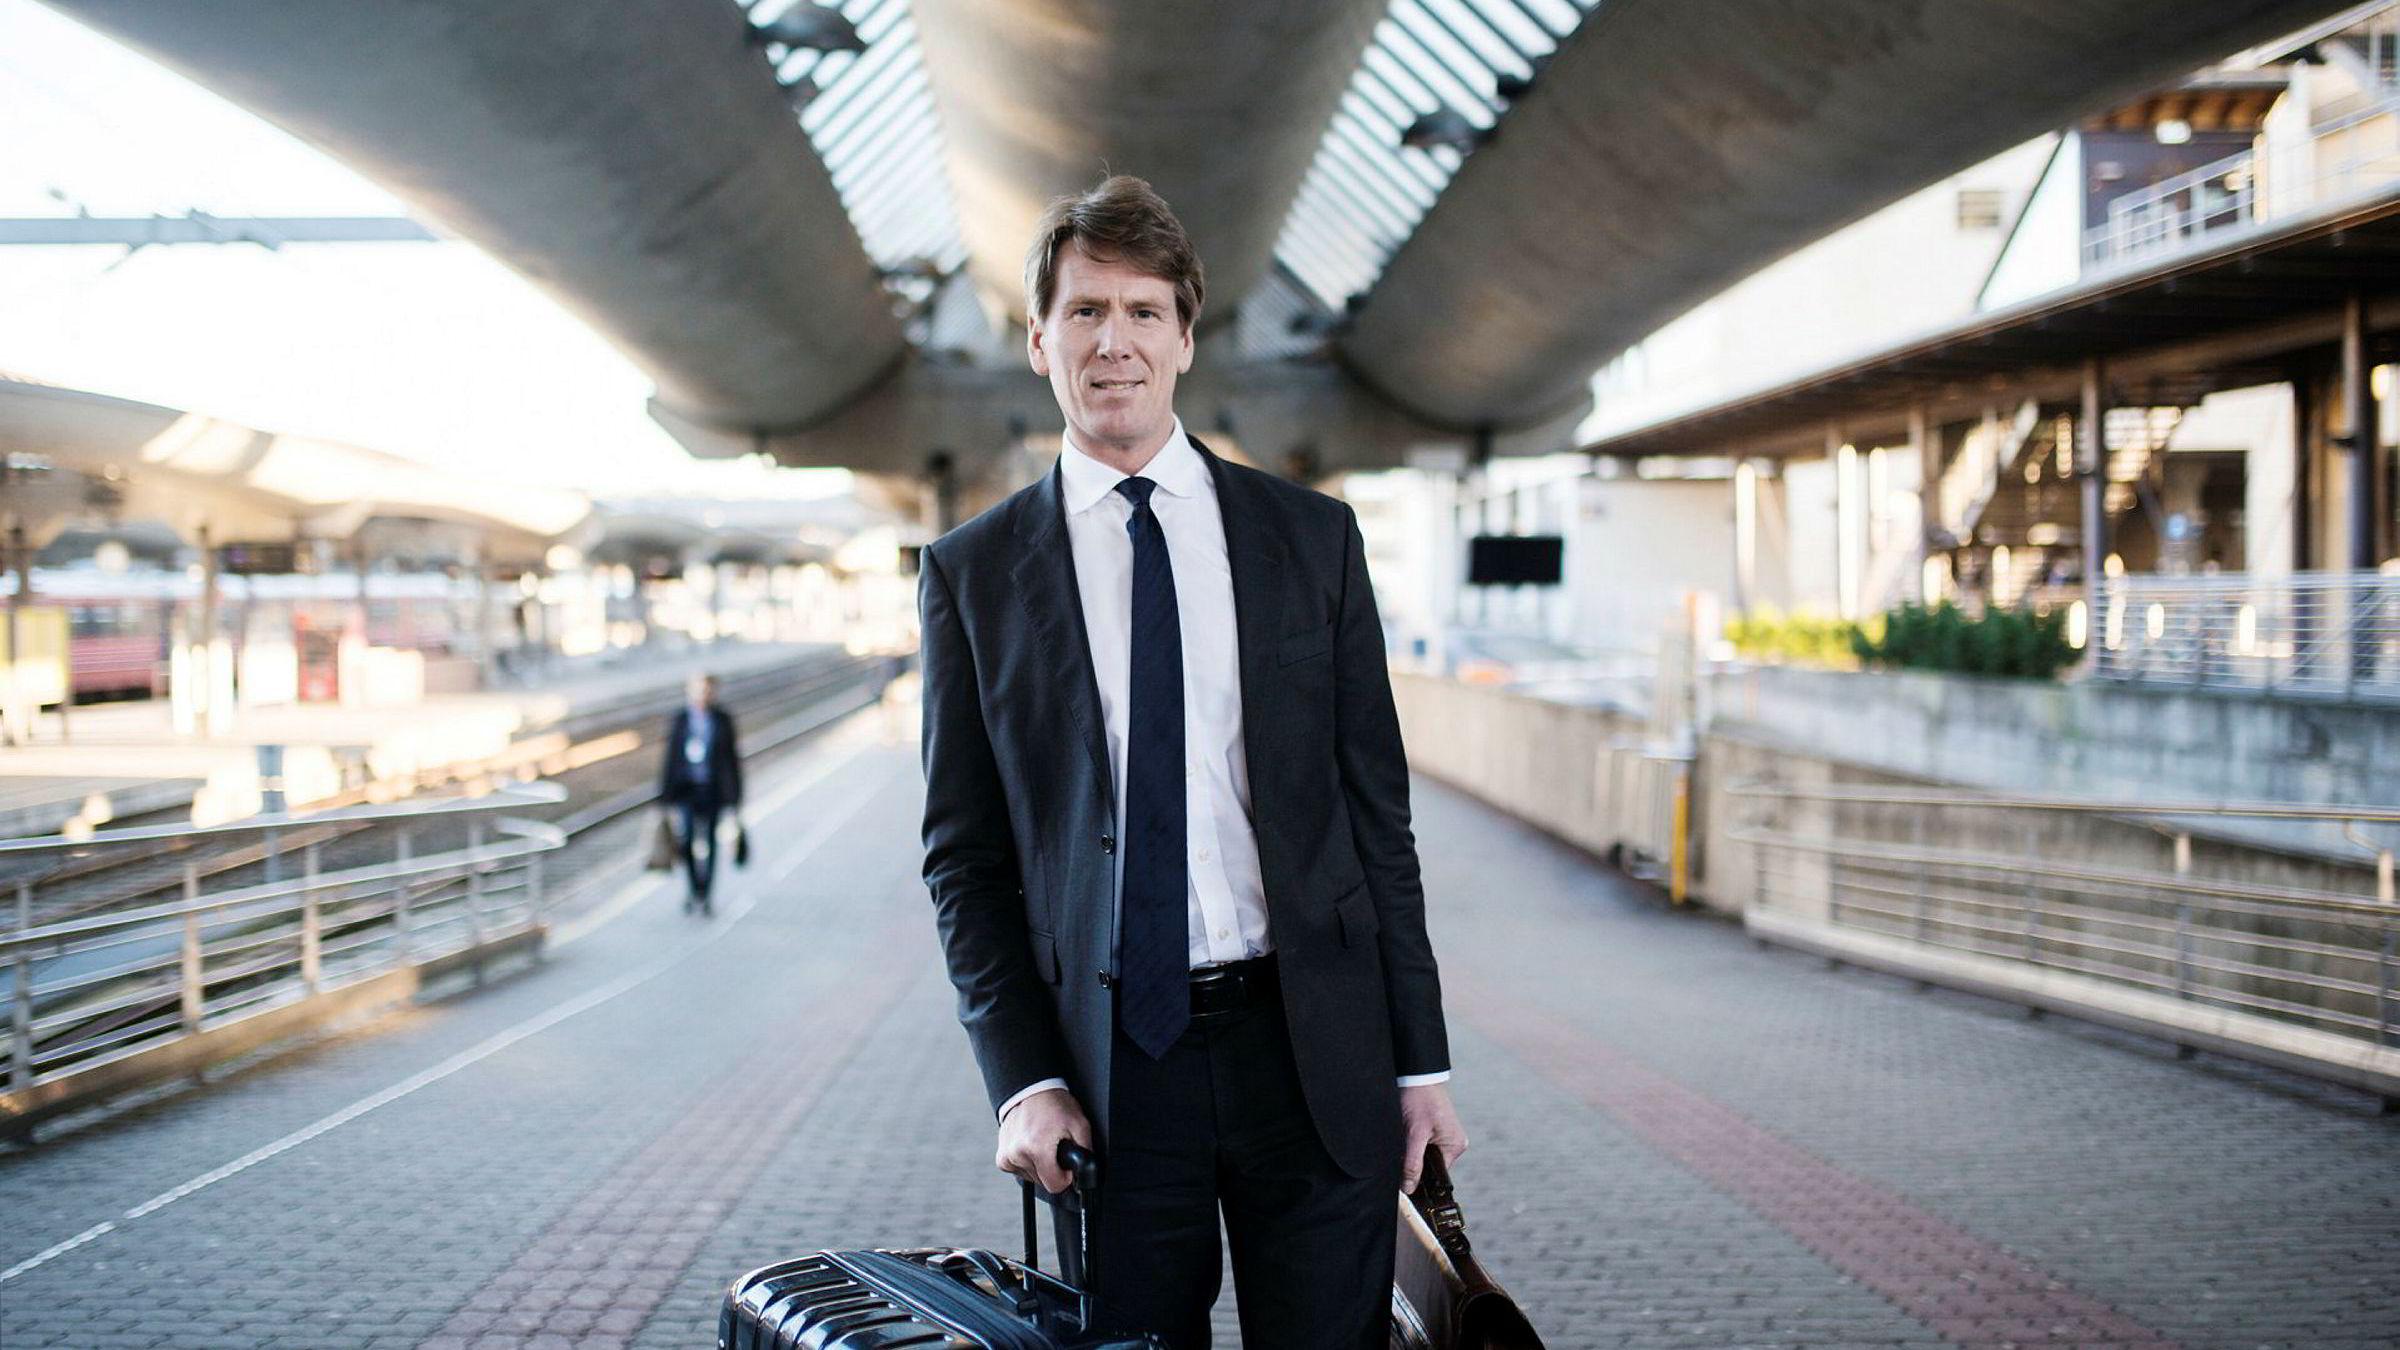 Sands-advokat Nicolai Skridshol er av Bergen tingrett oppnevnt til å granske Oceanteam og finne ut om hovedaksjonærene har beriket seg på selskapets bekostning.